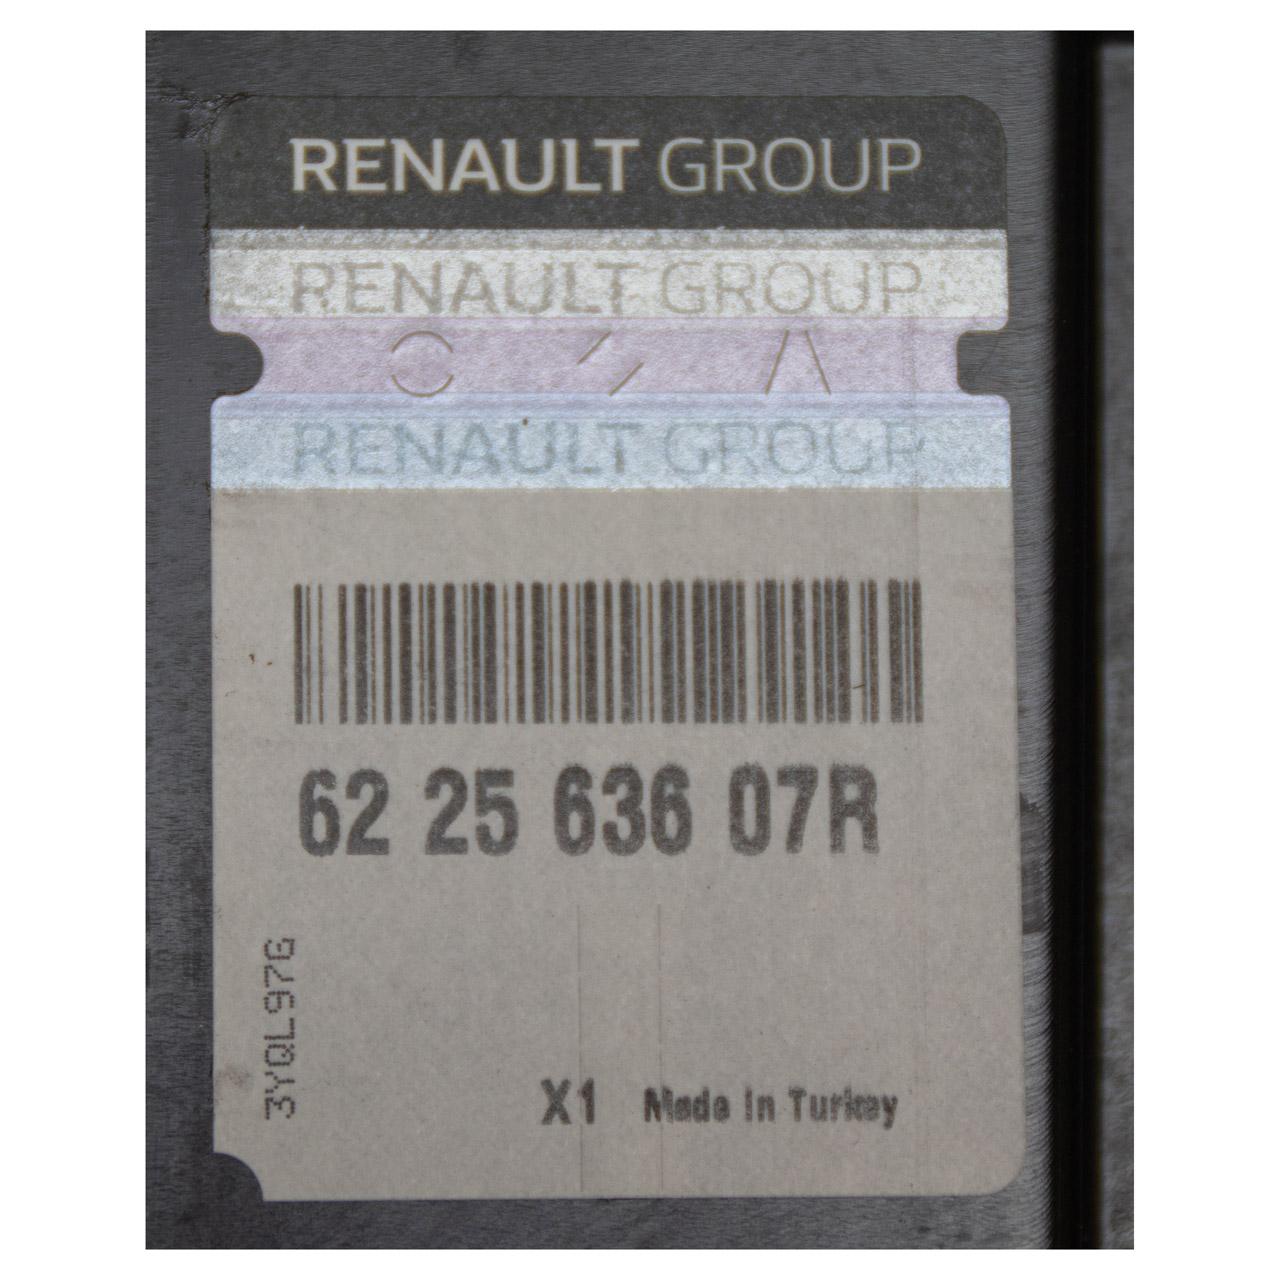 ORIGINAL Renault Stoßstange Unterbodenschutz Clio 4 vorne unten 622563607R